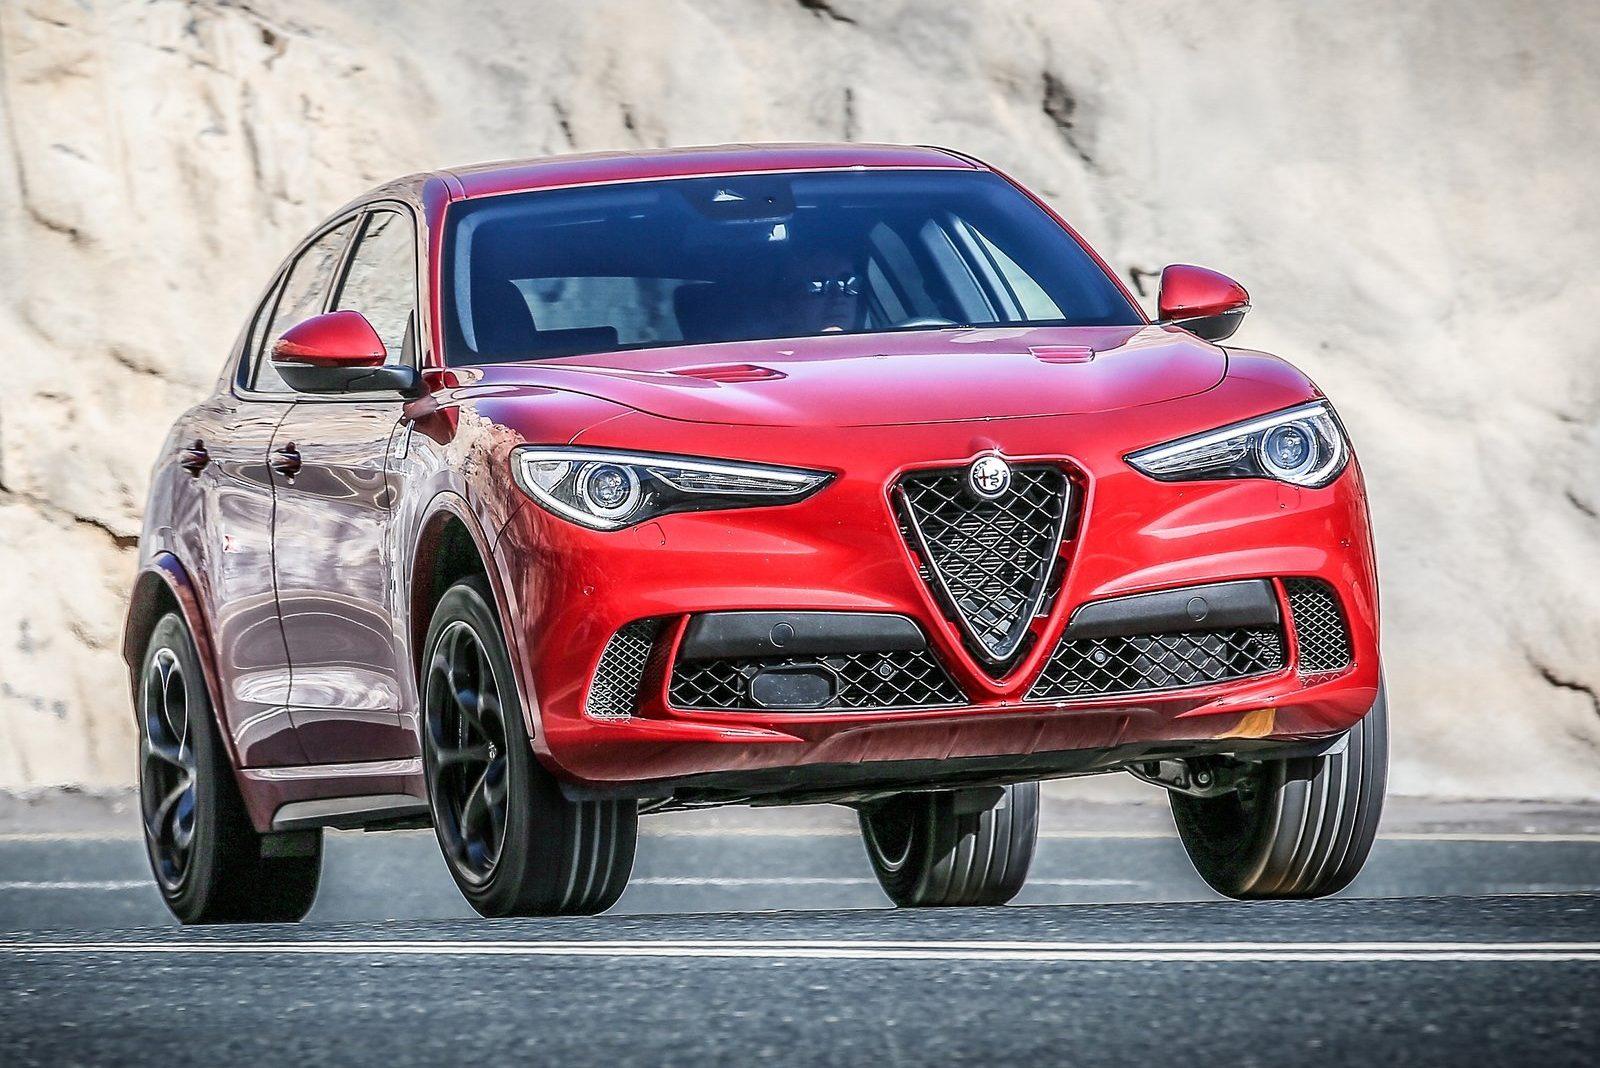 Jeremy Clarkson Alfa Romeo Stelvio E O Suv Mais Legal Do Mundo E Dai Quatro Rodas